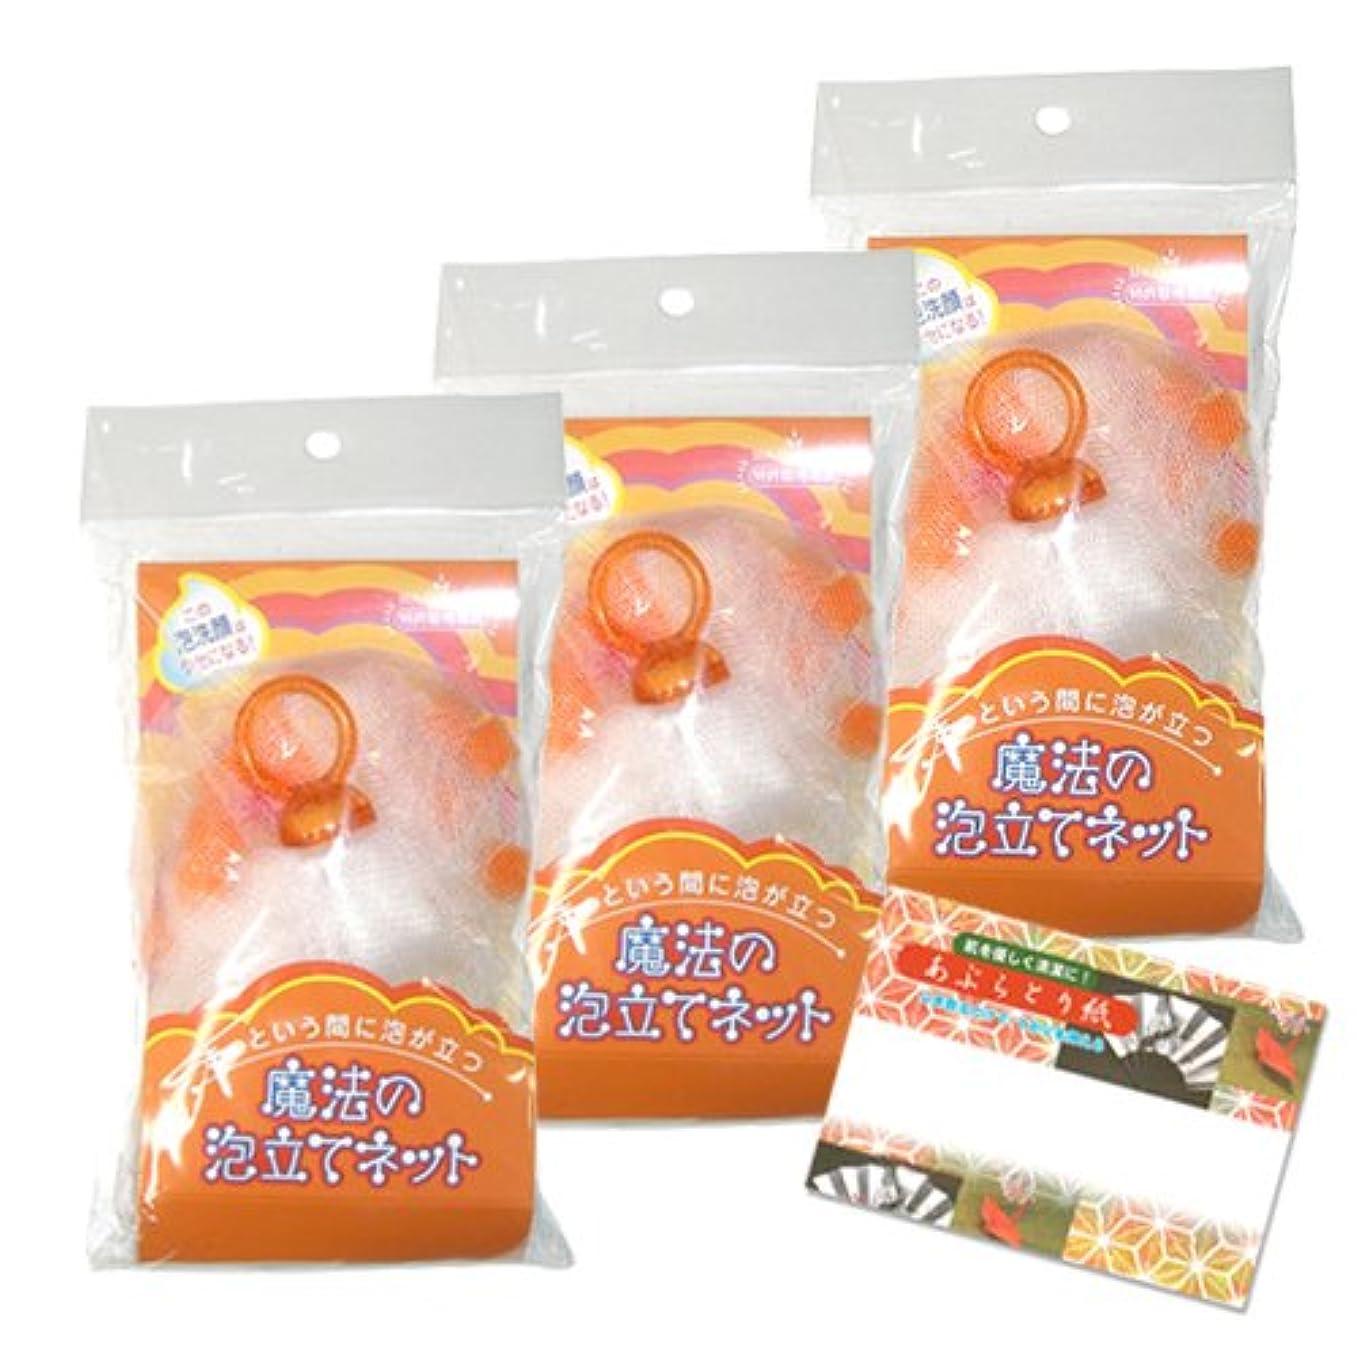 十分五十グリースモンクレール 魔法の泡立てネット ソフトタイプ (オレンジ) x 3個セット + あぶらとり紙 10枚入